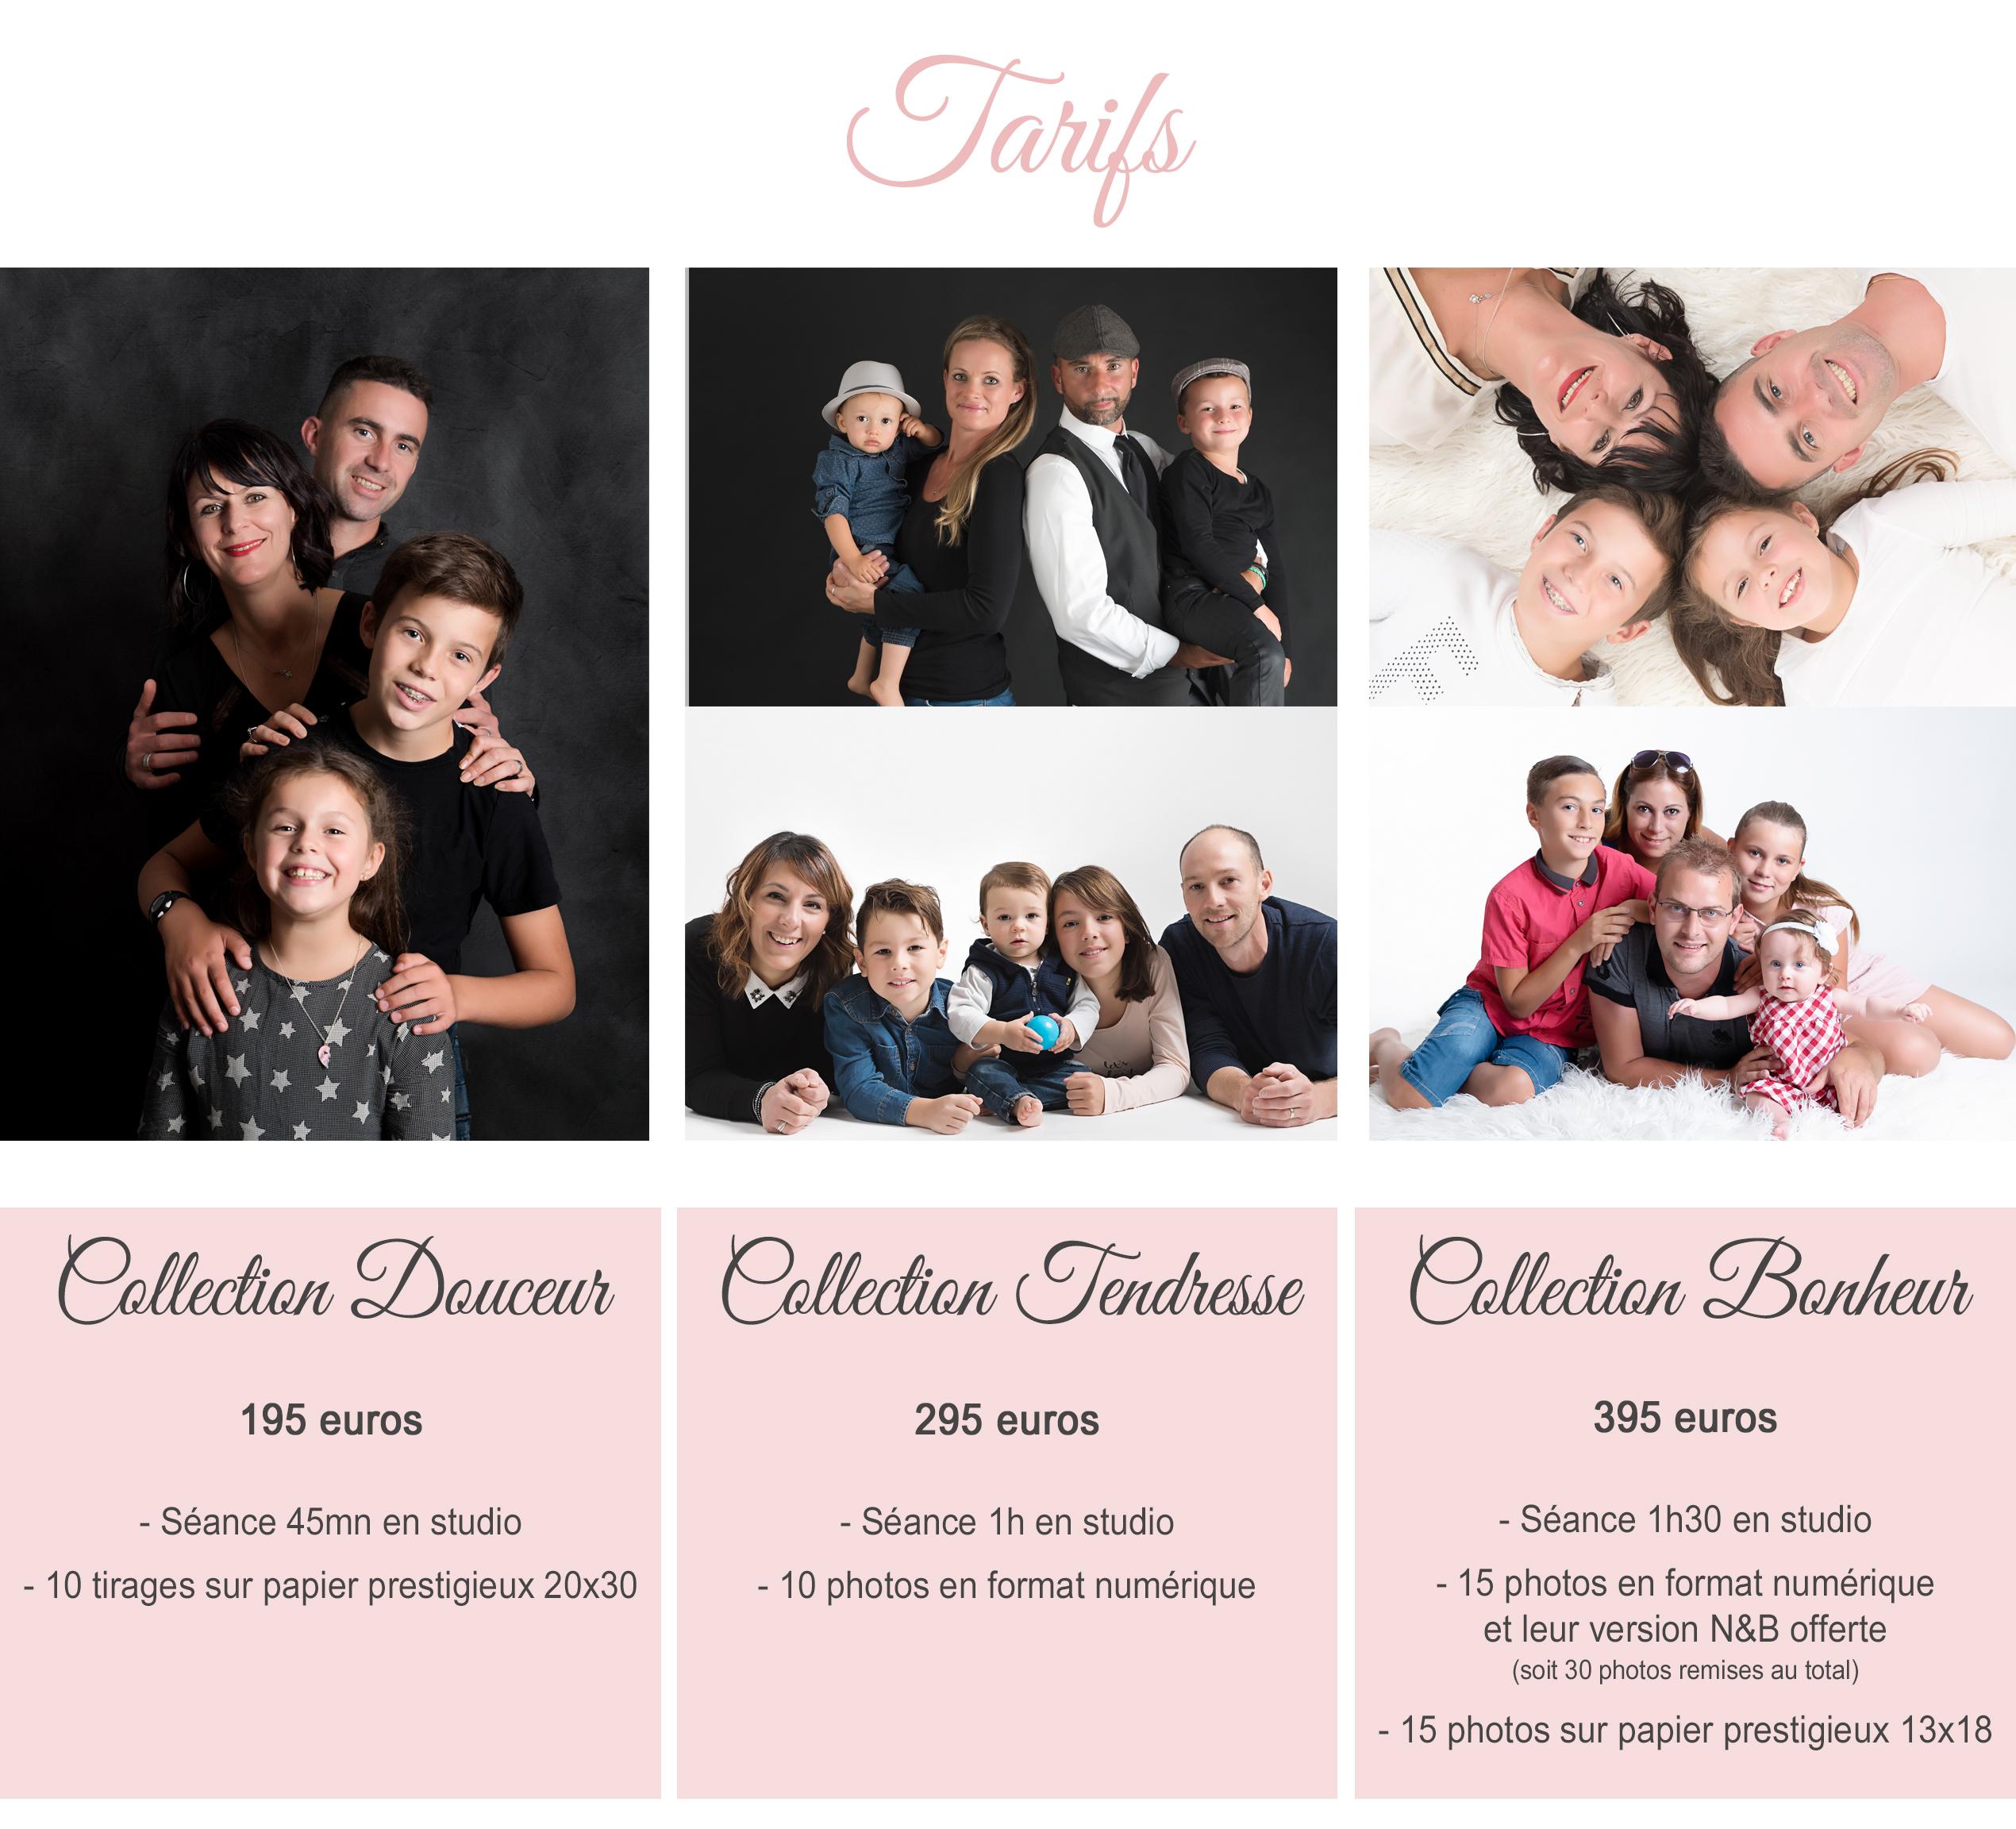 tarifs de votre photographe des familles en studio à Pougny dans l'Ain (01), Pays de Gex, Haute-Savoie ou Suisse